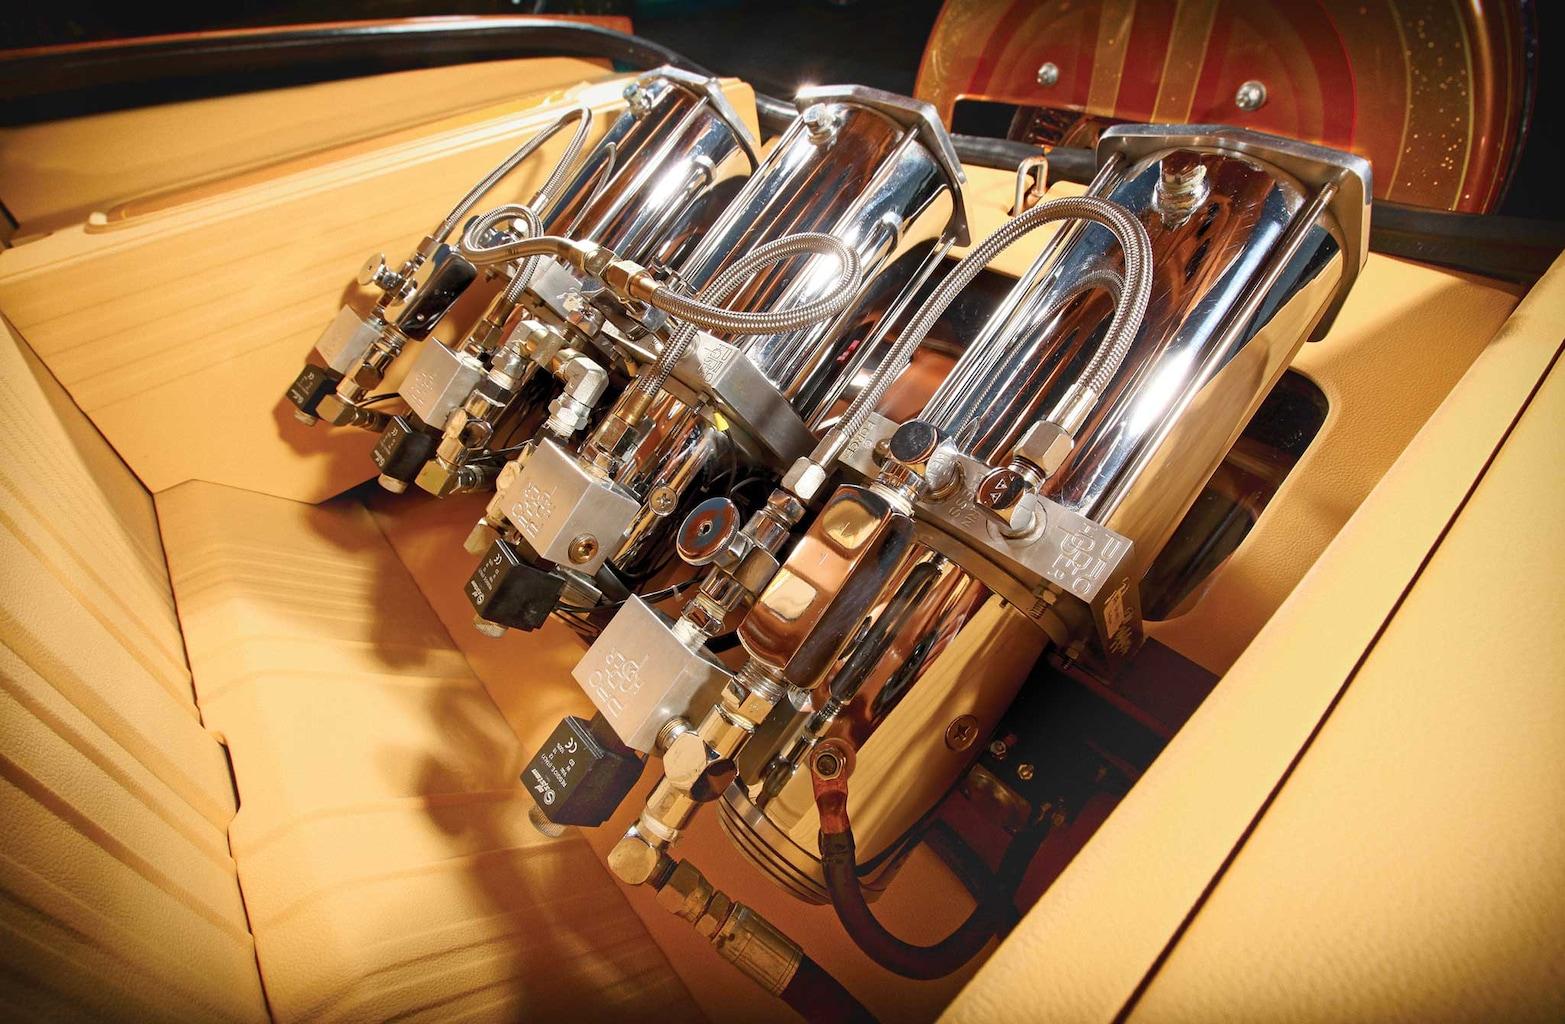 1986 buick regal pro hopper pumps 007